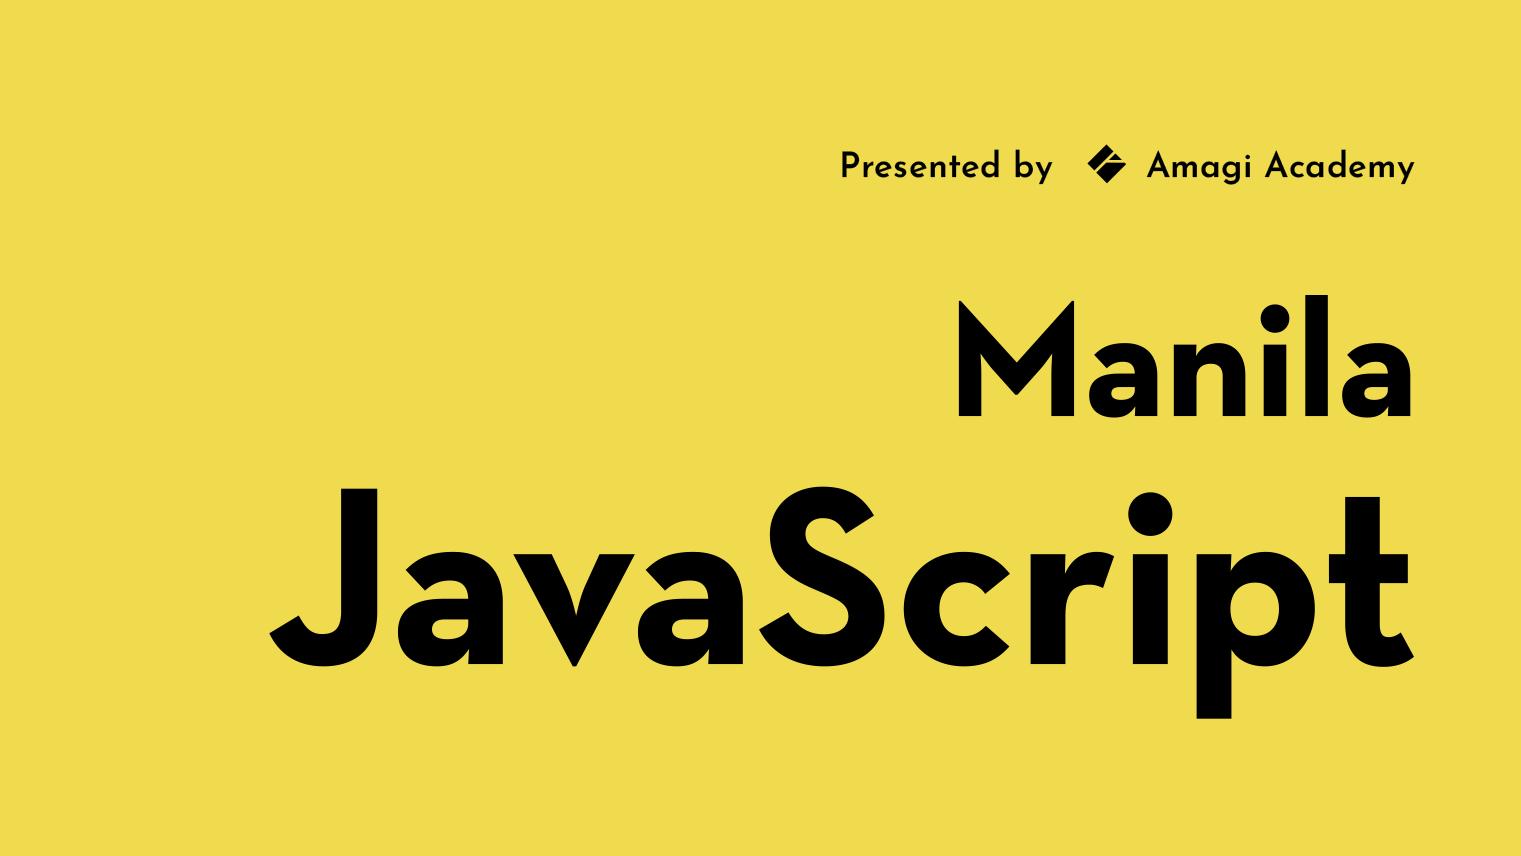 Manila JavaScript